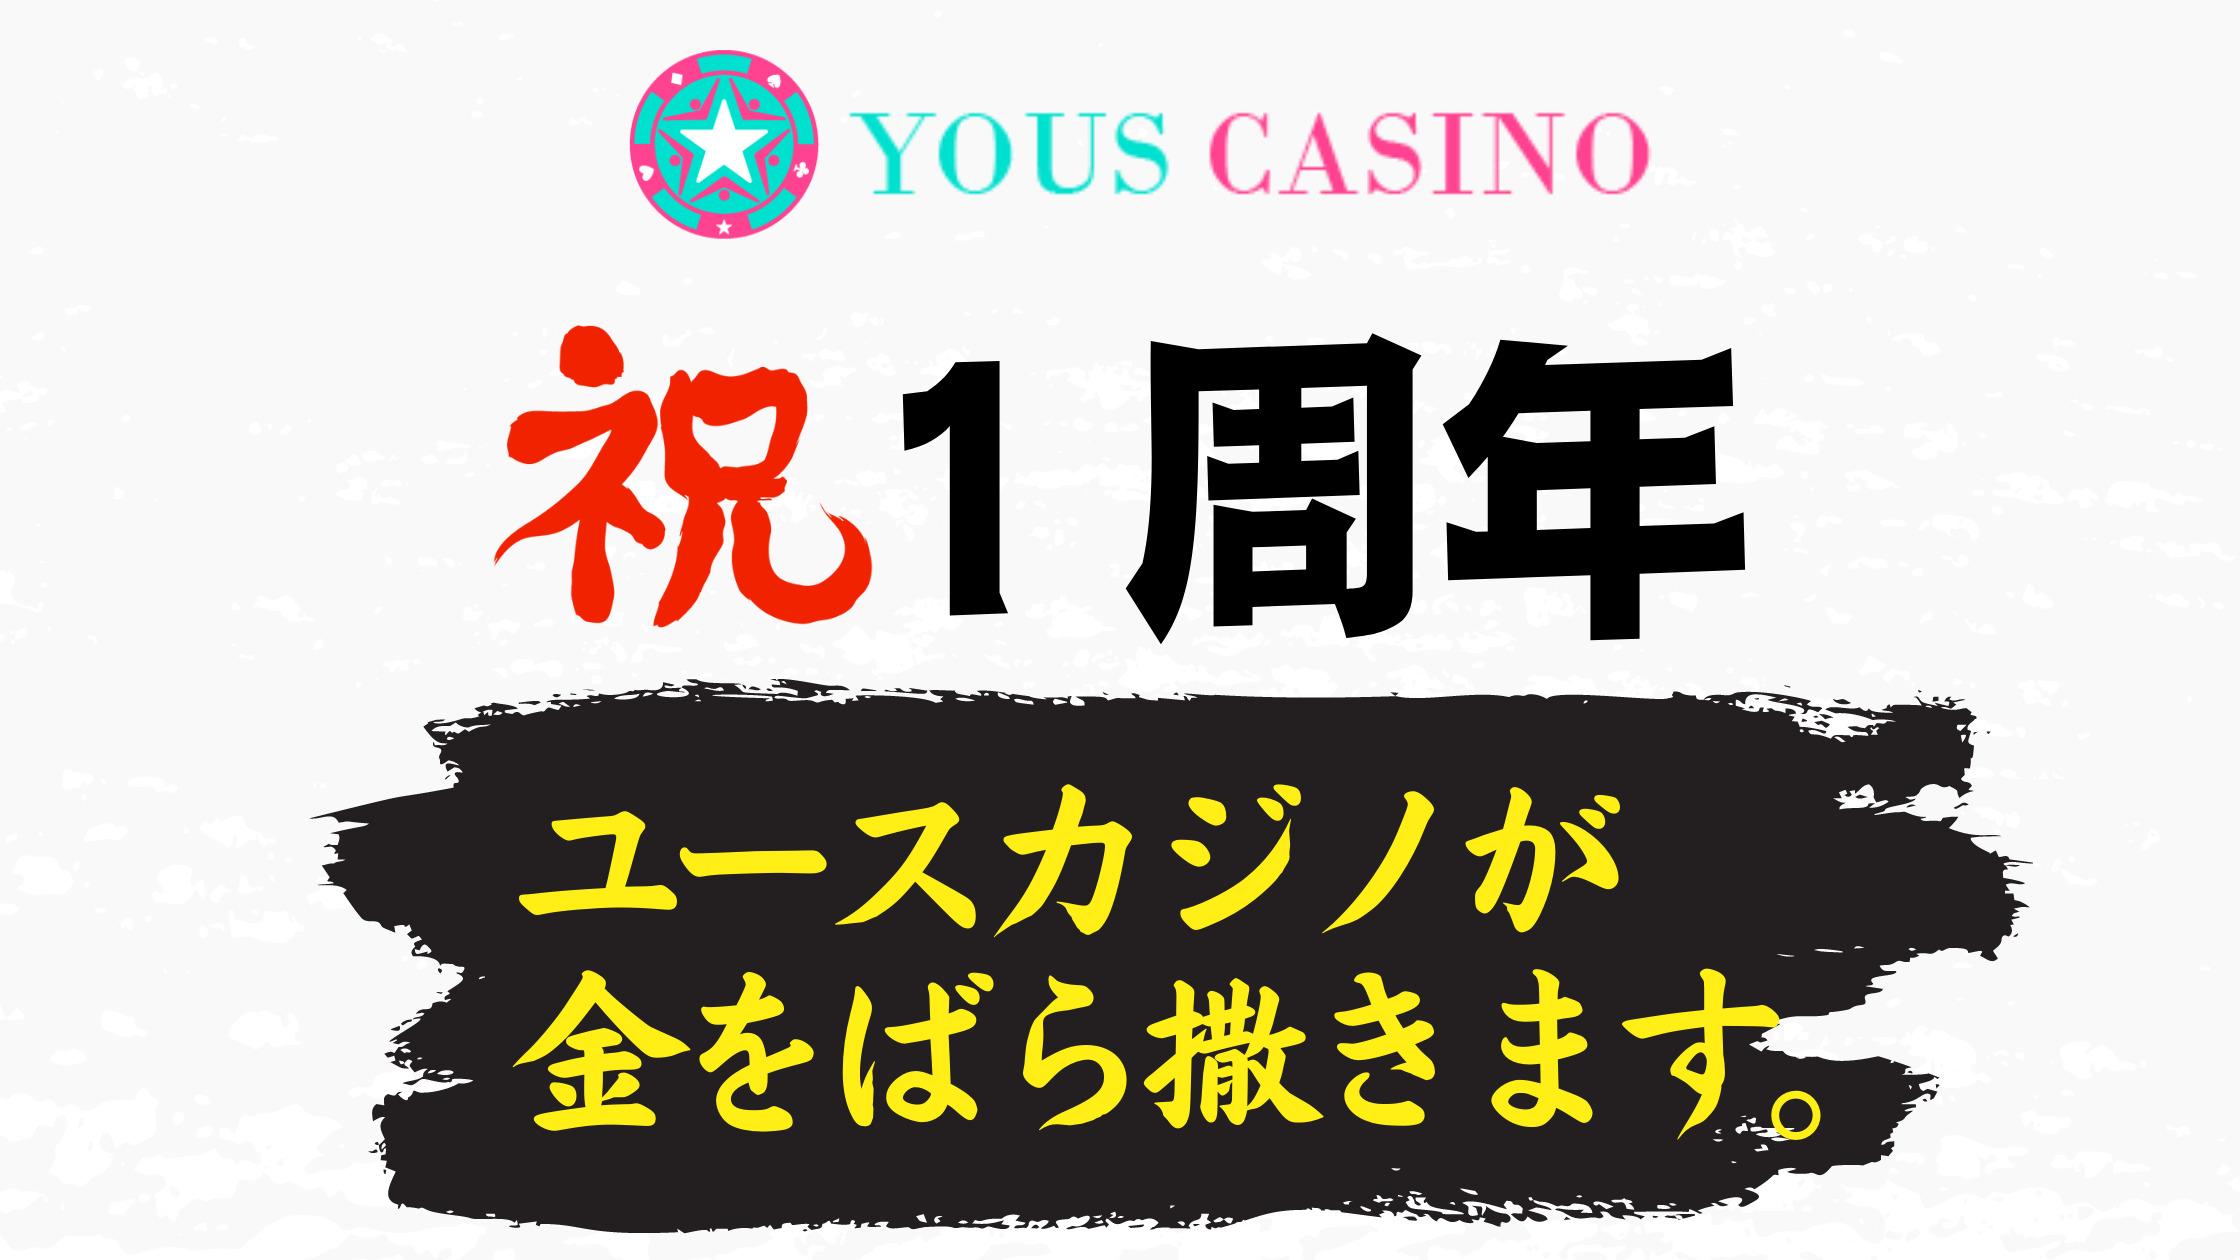 【ユースカジノ1周年記念!】アツすぎる2つのプロモが本日より開催!!